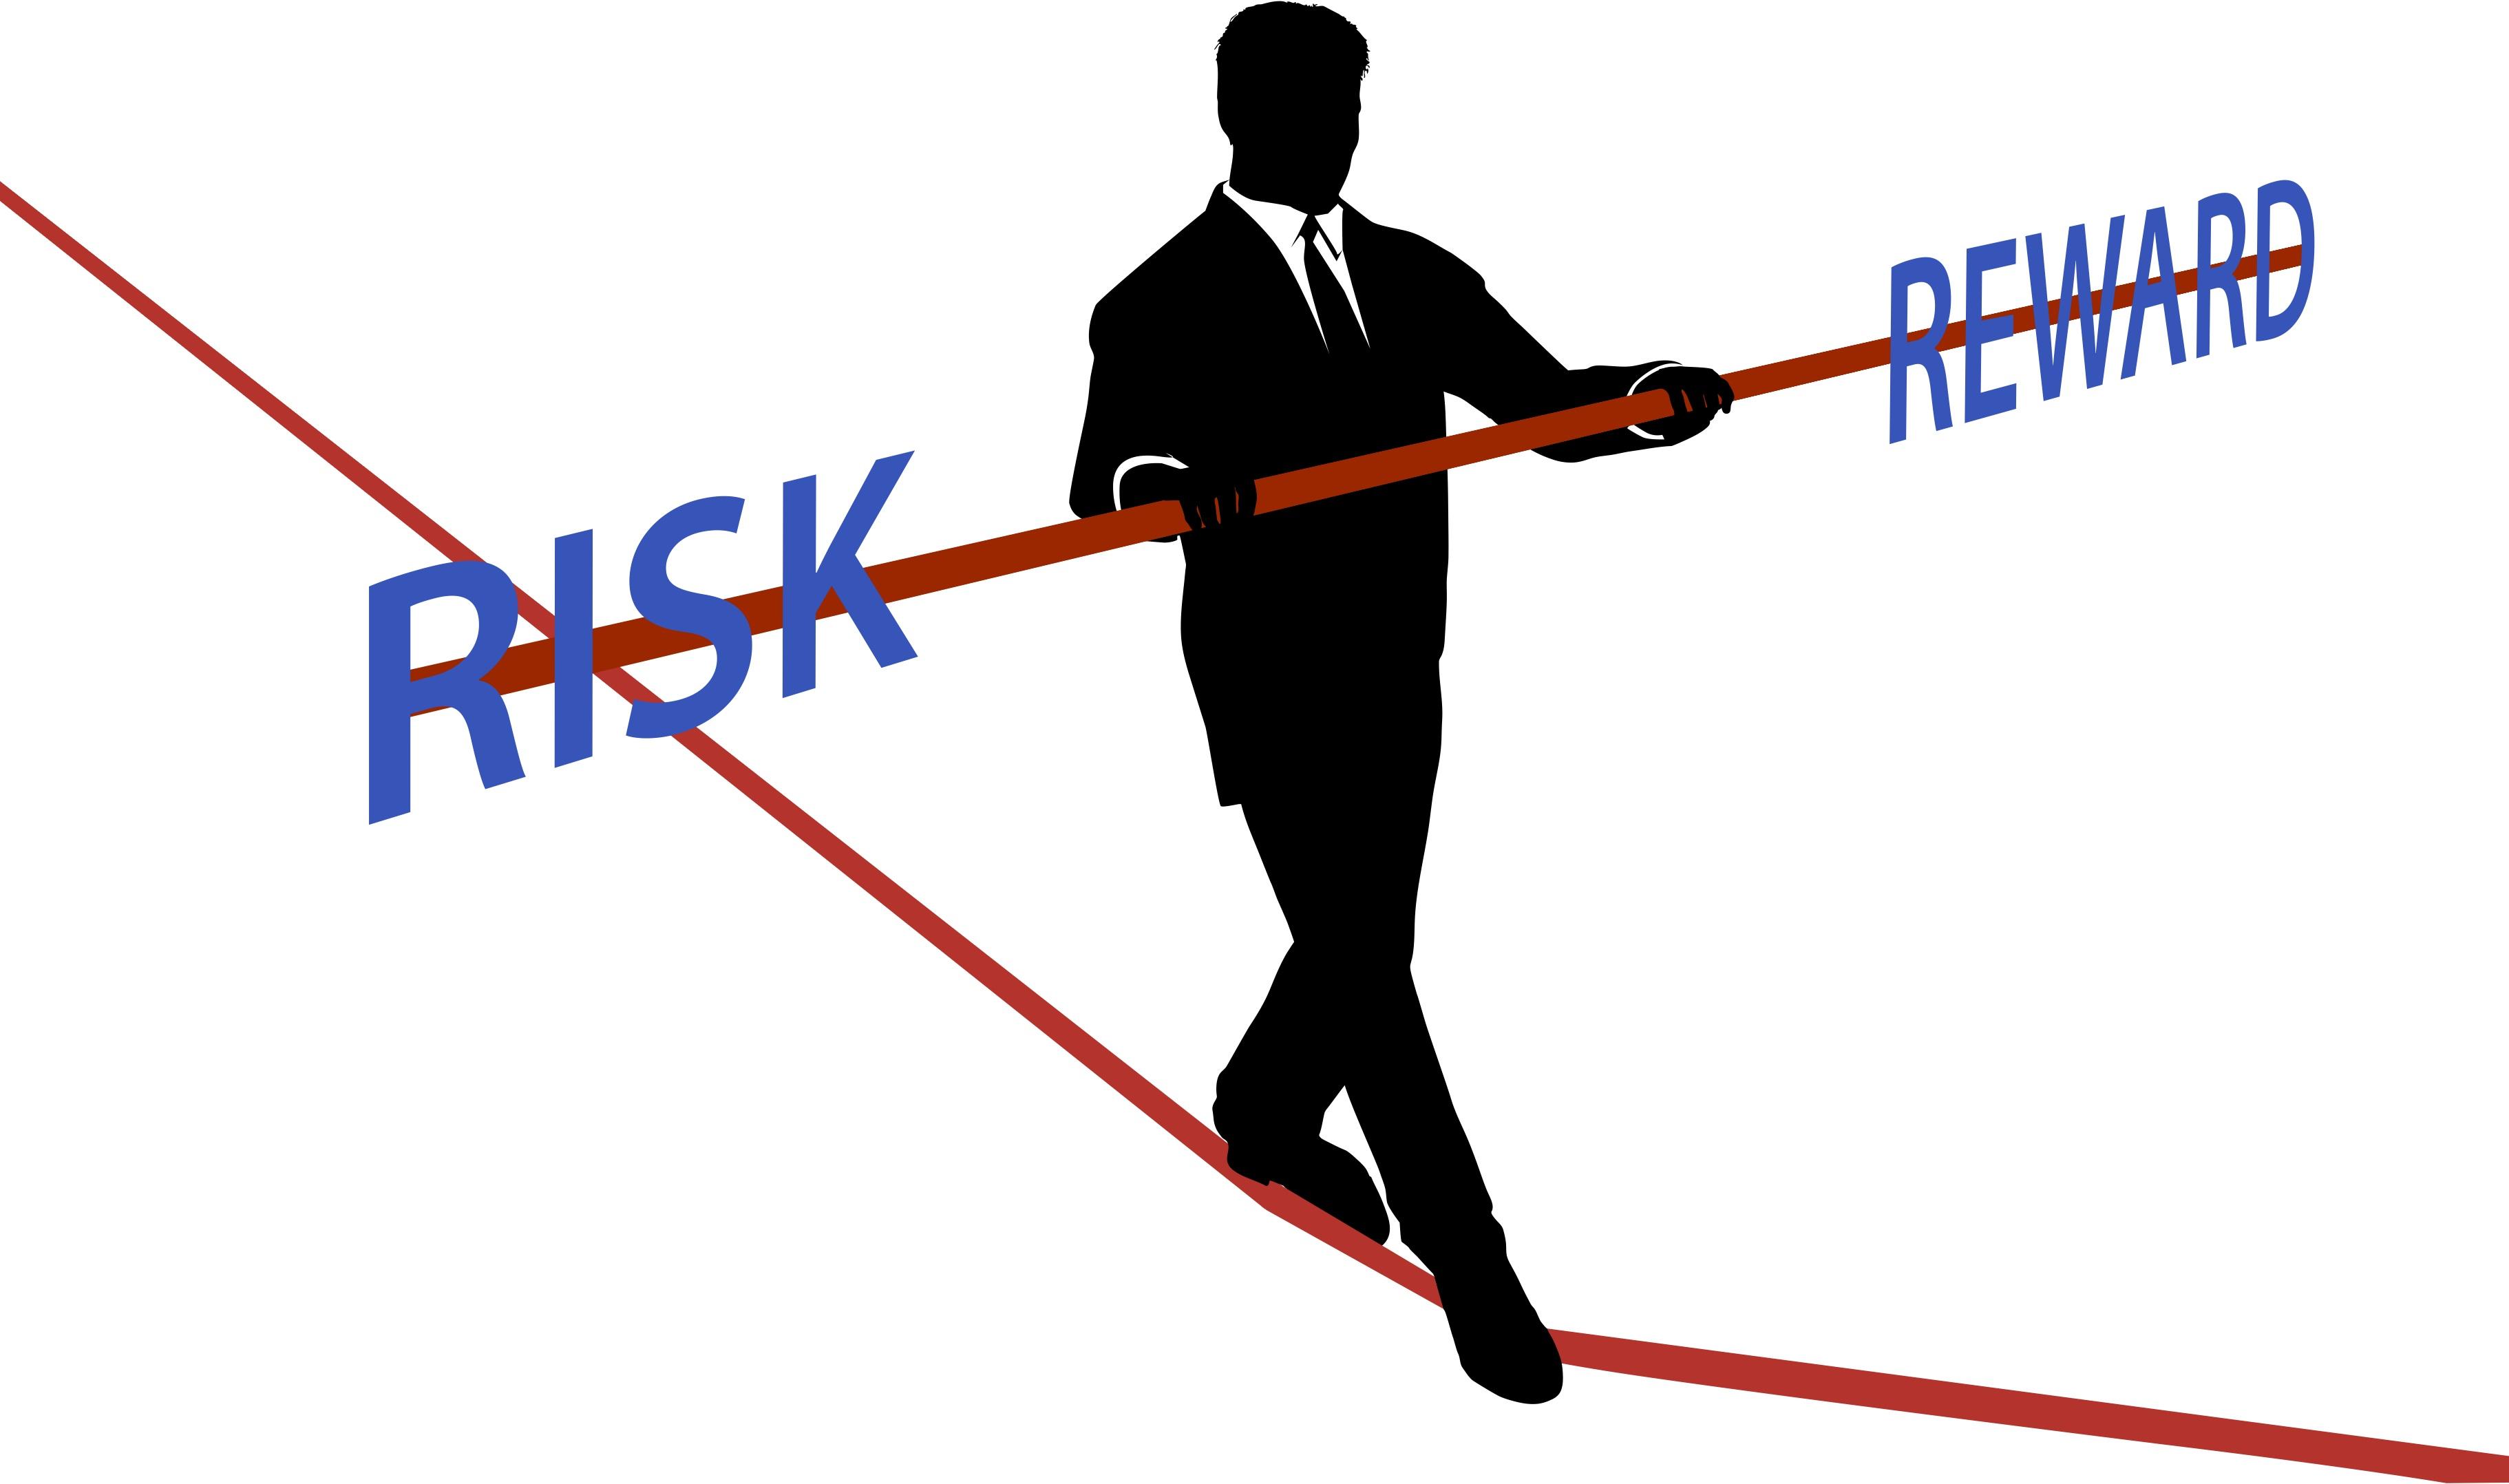 clipart risk management - photo #20